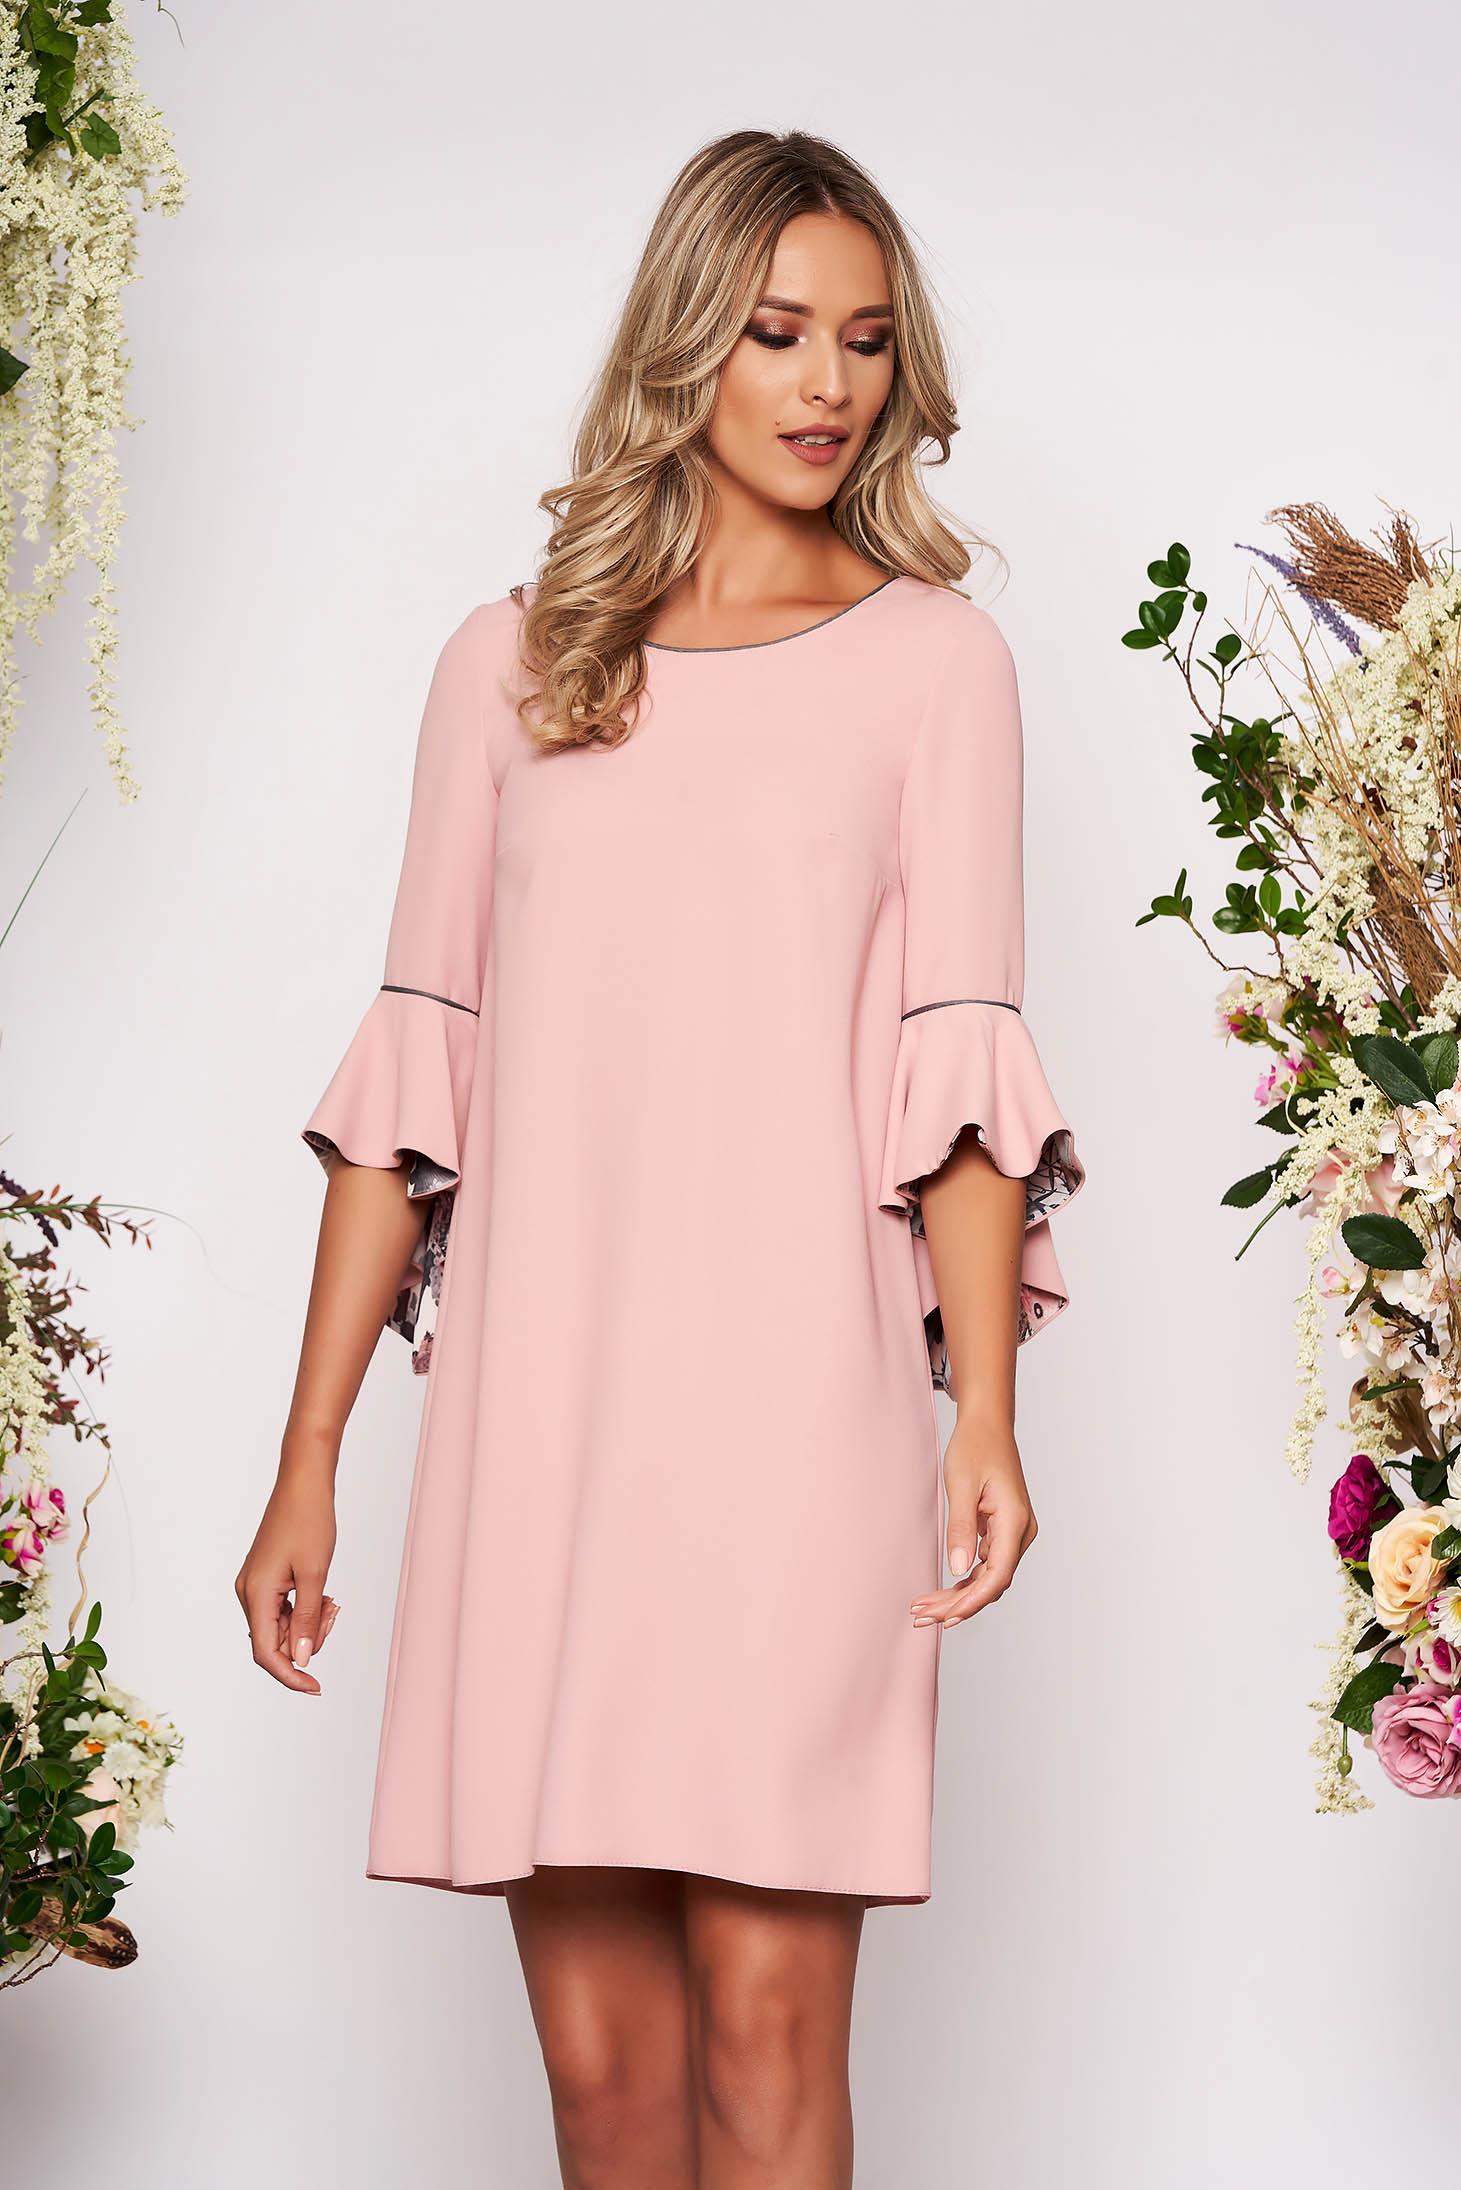 Rochie StarShinerS roz prafuit scurta eleganta cu croi larg cu decolteu la baza gatului cu maneci trei-sferturi tip clopot fara captuseala